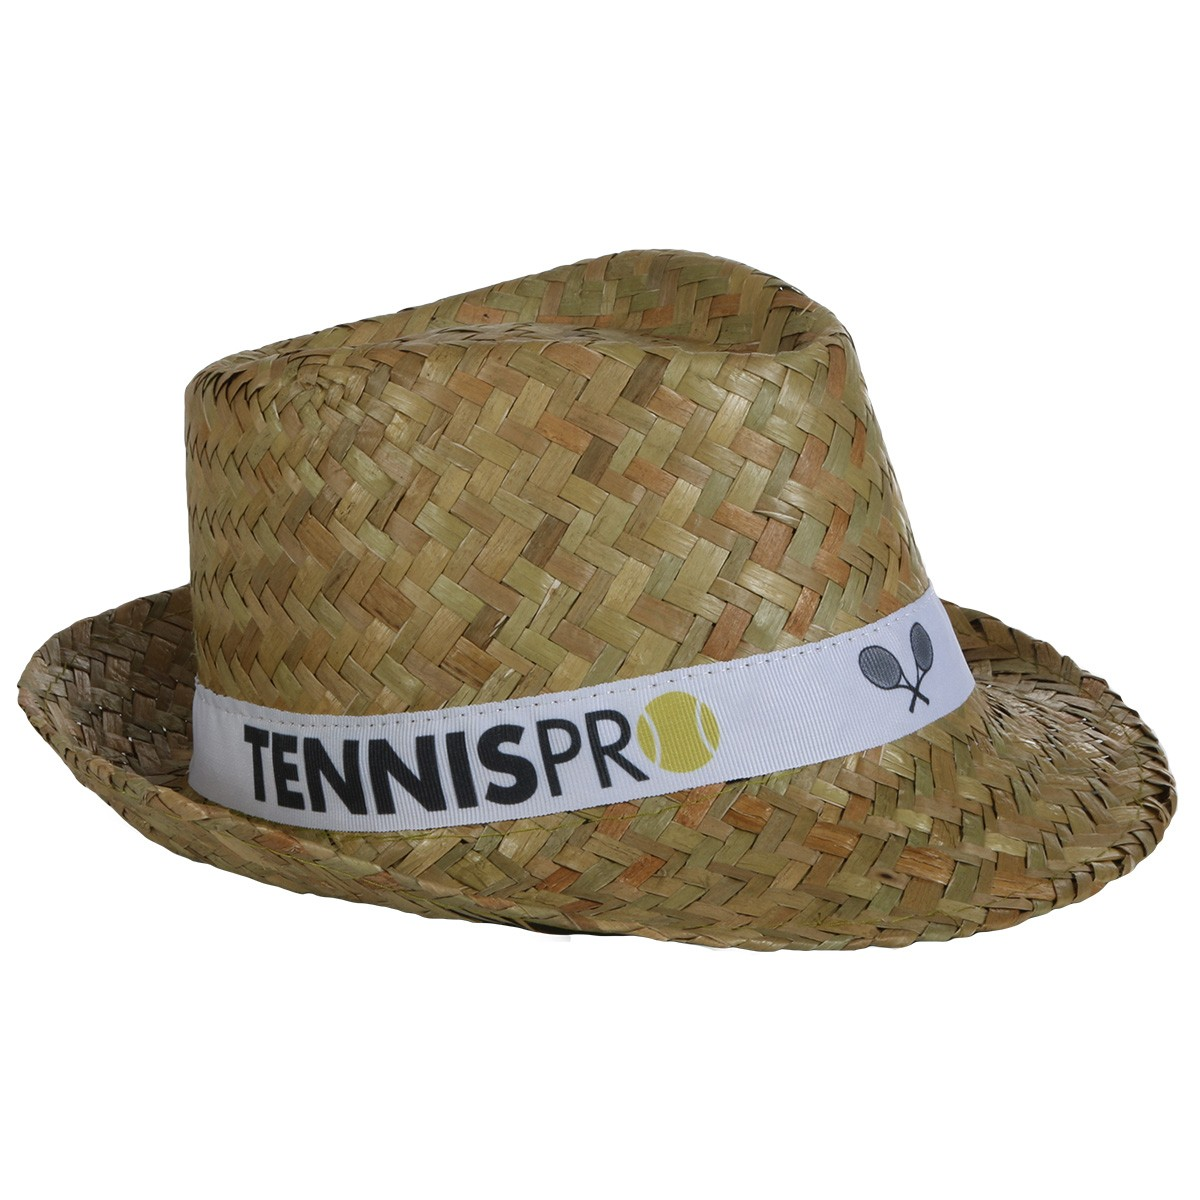 TENNISPRO STRAW HAT